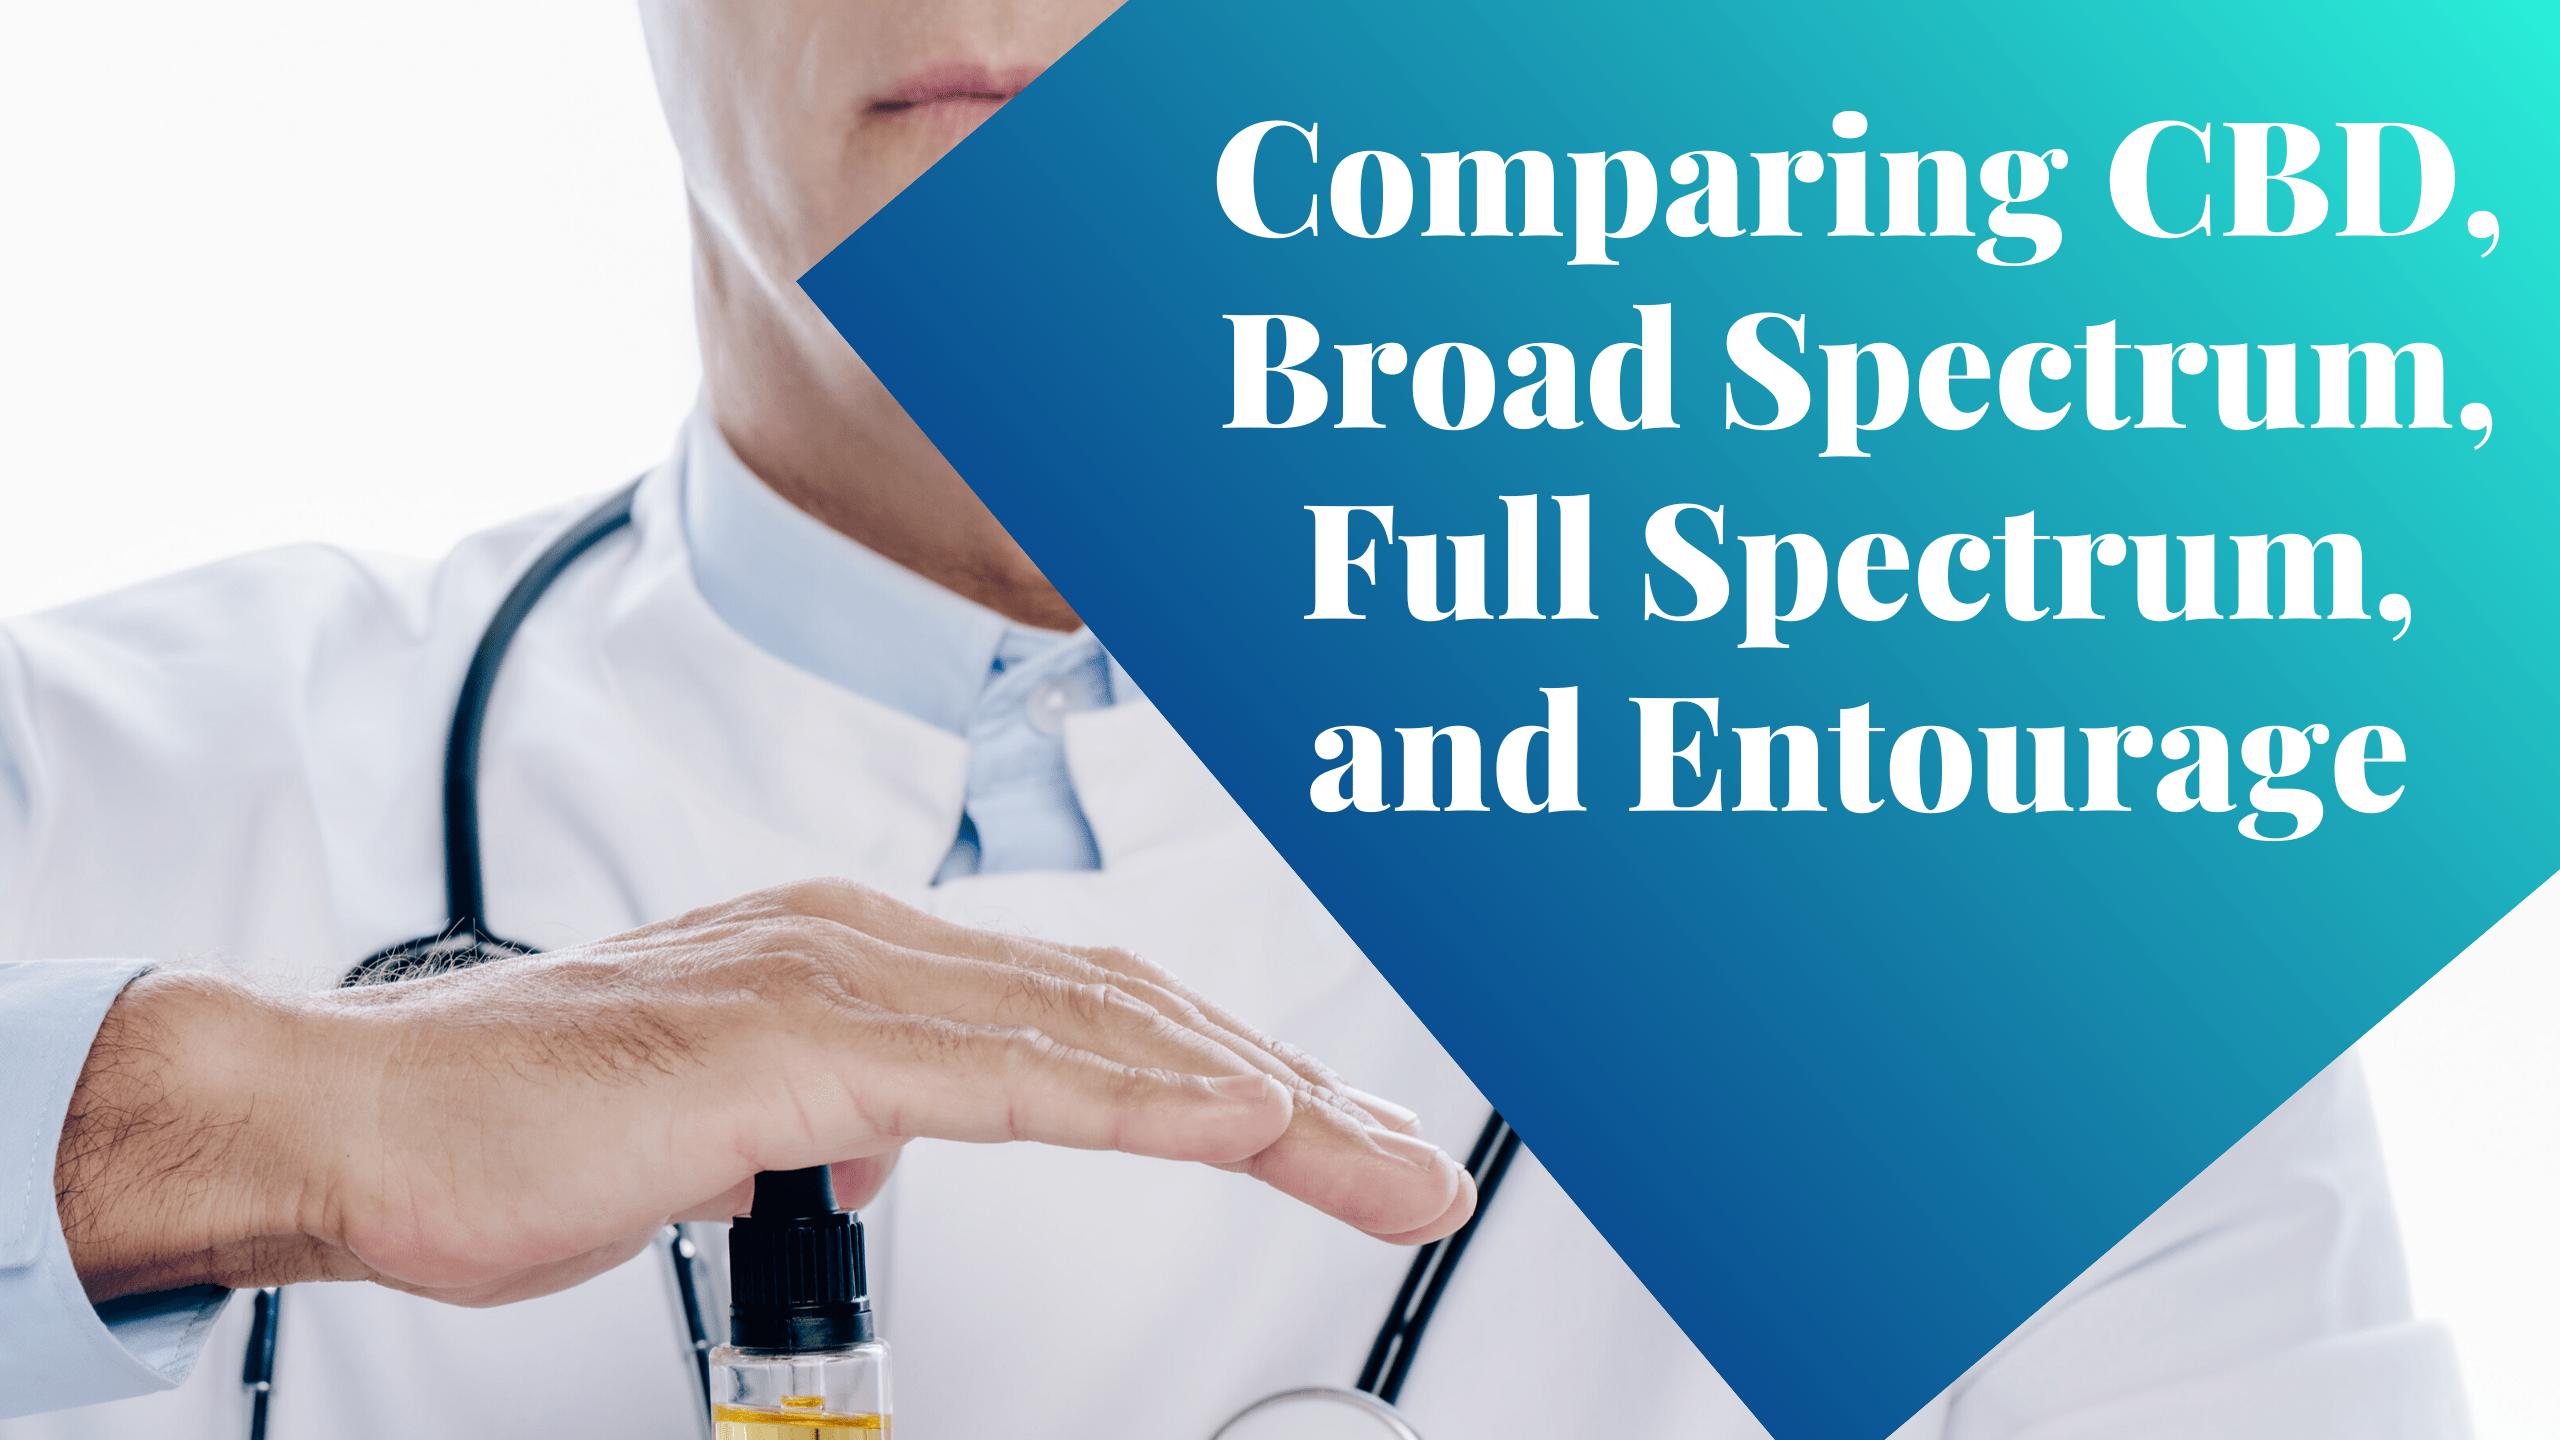 Comparing CBD, Broad Spectrum, Full Spectrum, and Entourage²